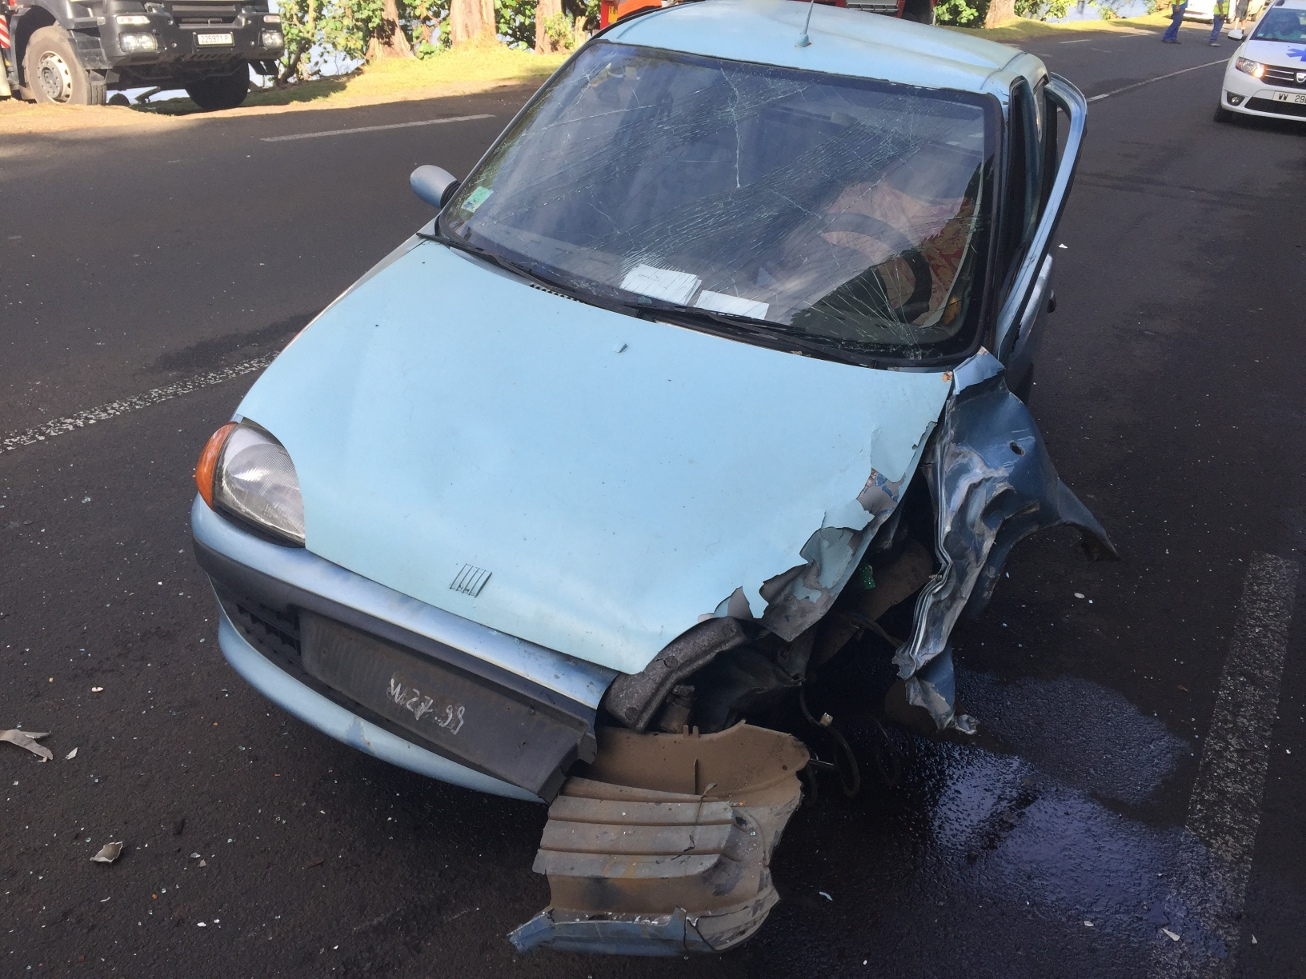 Taravao : Il vole un véhicule avec un enfant à bord, des témoins empêchent sa cavale